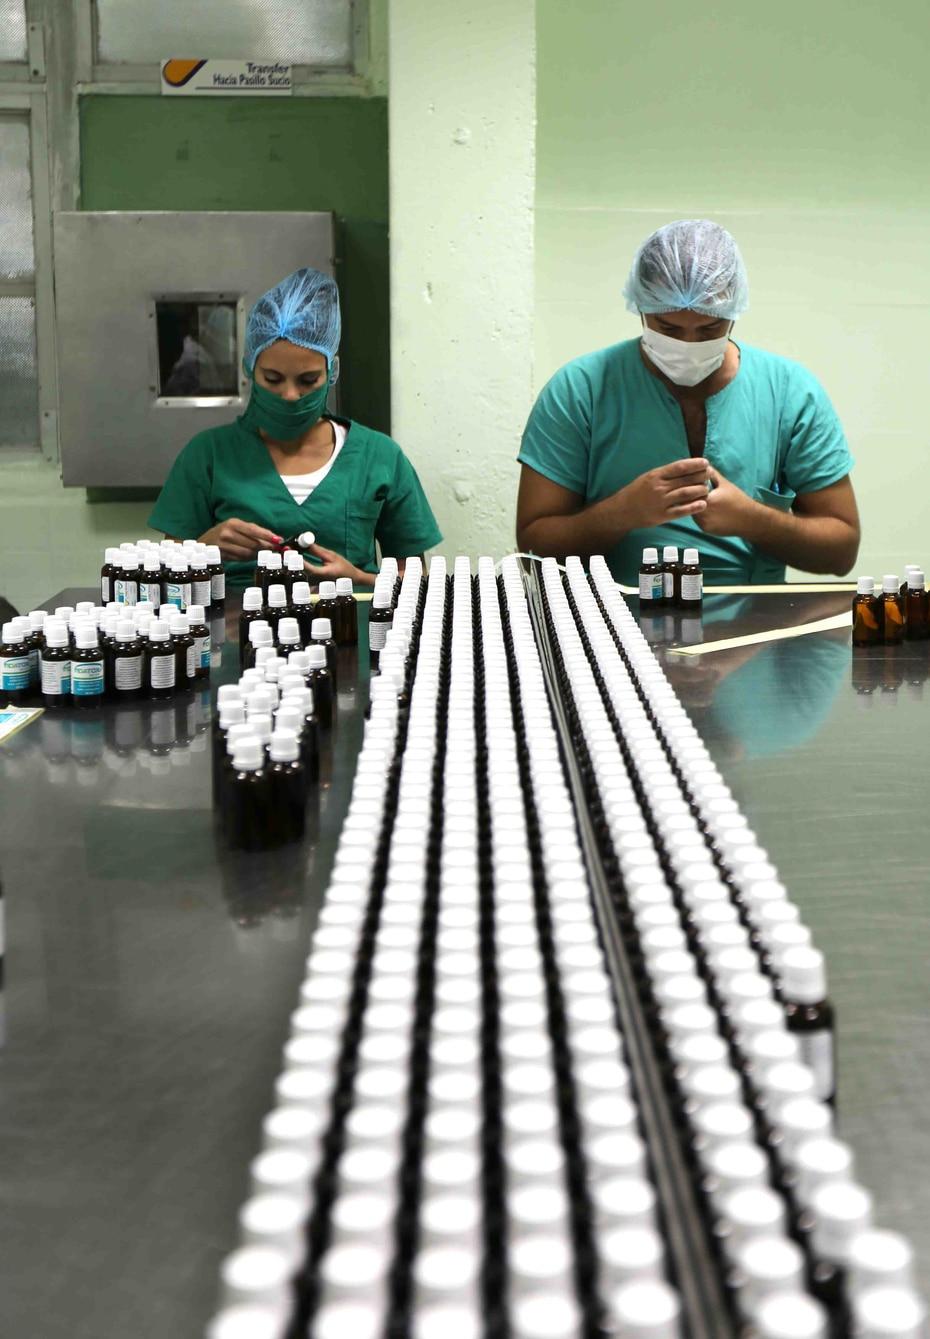 El Vidatox es un medicamento homeopático, lo que significa que no conlleva los rigores de los fármacos tradicionales.